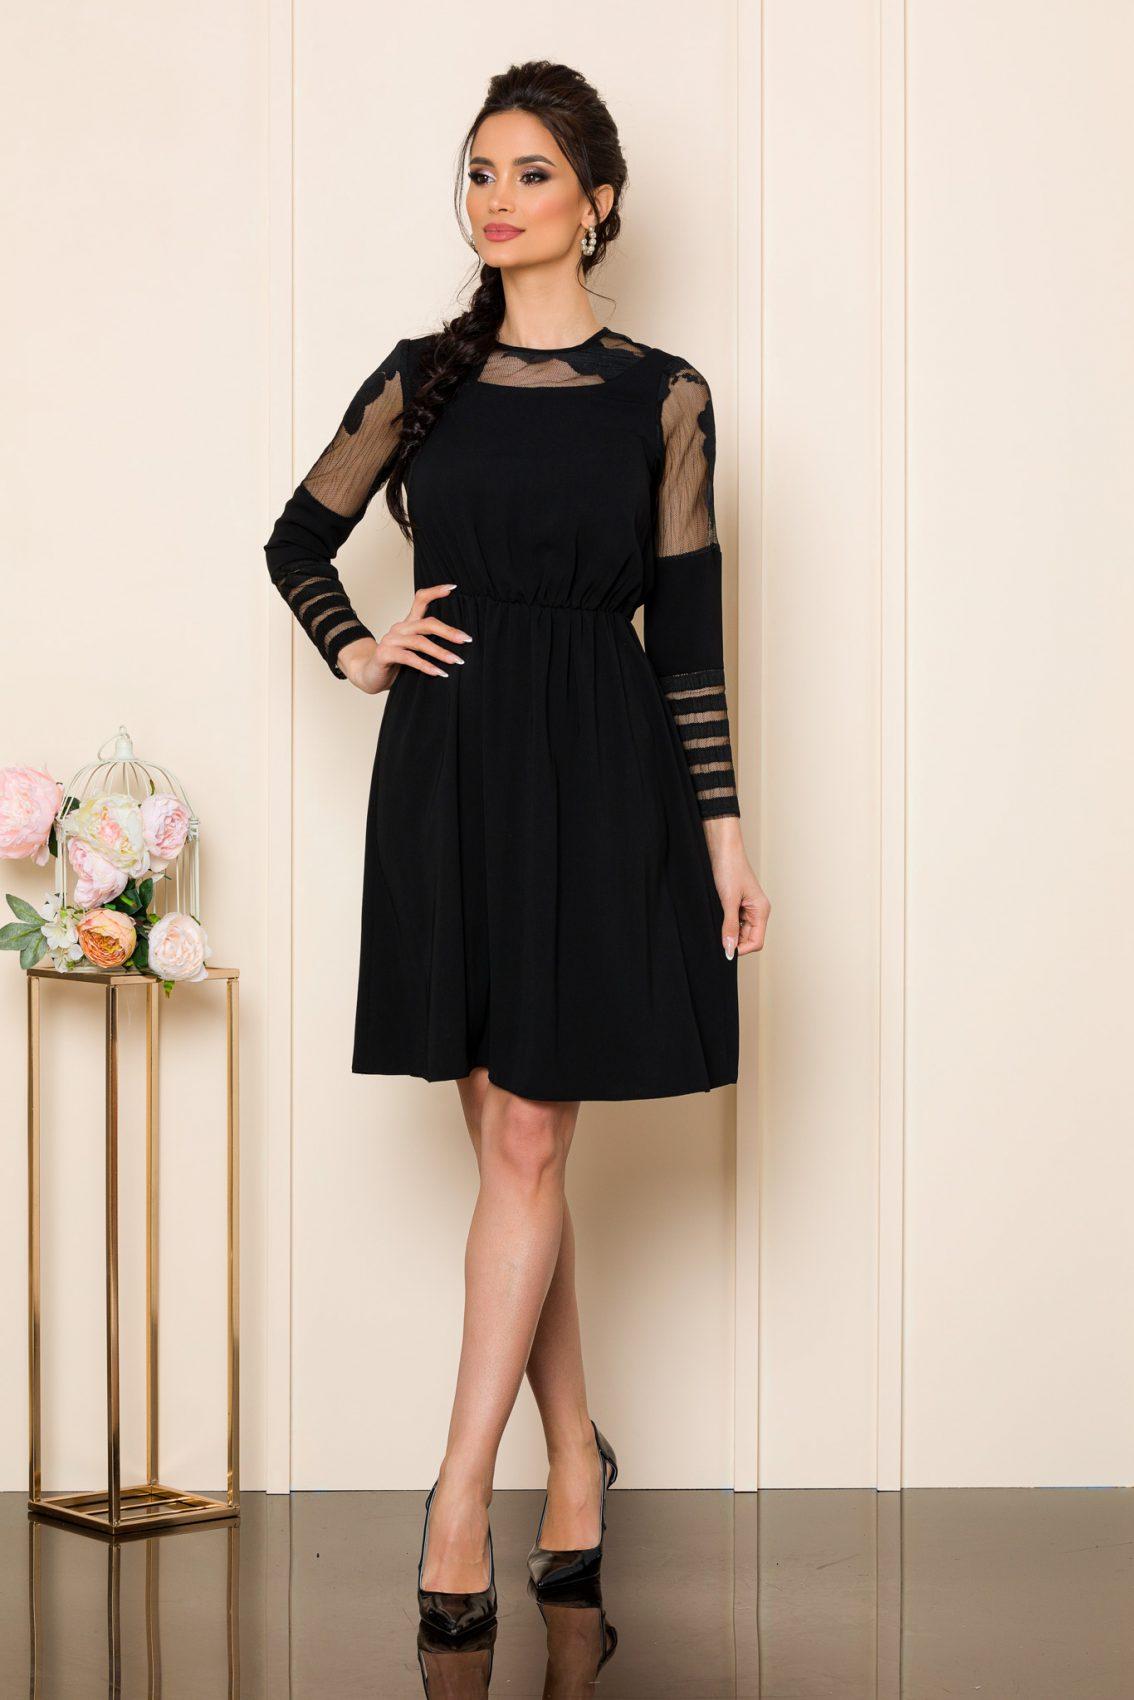 Μαύρο Φόρεμα Με Δαντέλα Dorry 9834 1